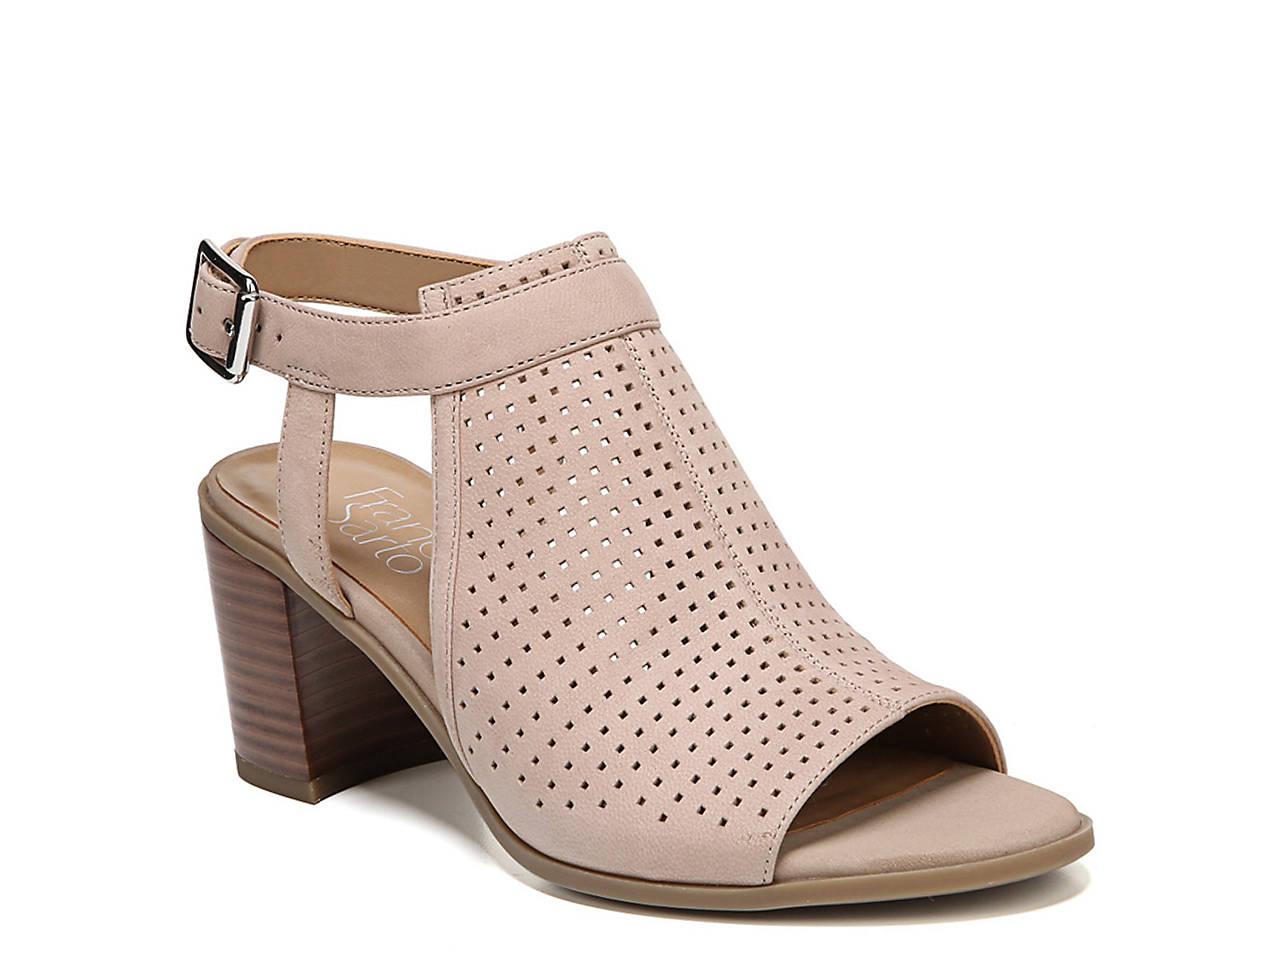 aa62475a93 Franco Sarto Harlet 2 Sandal Women s Shoes